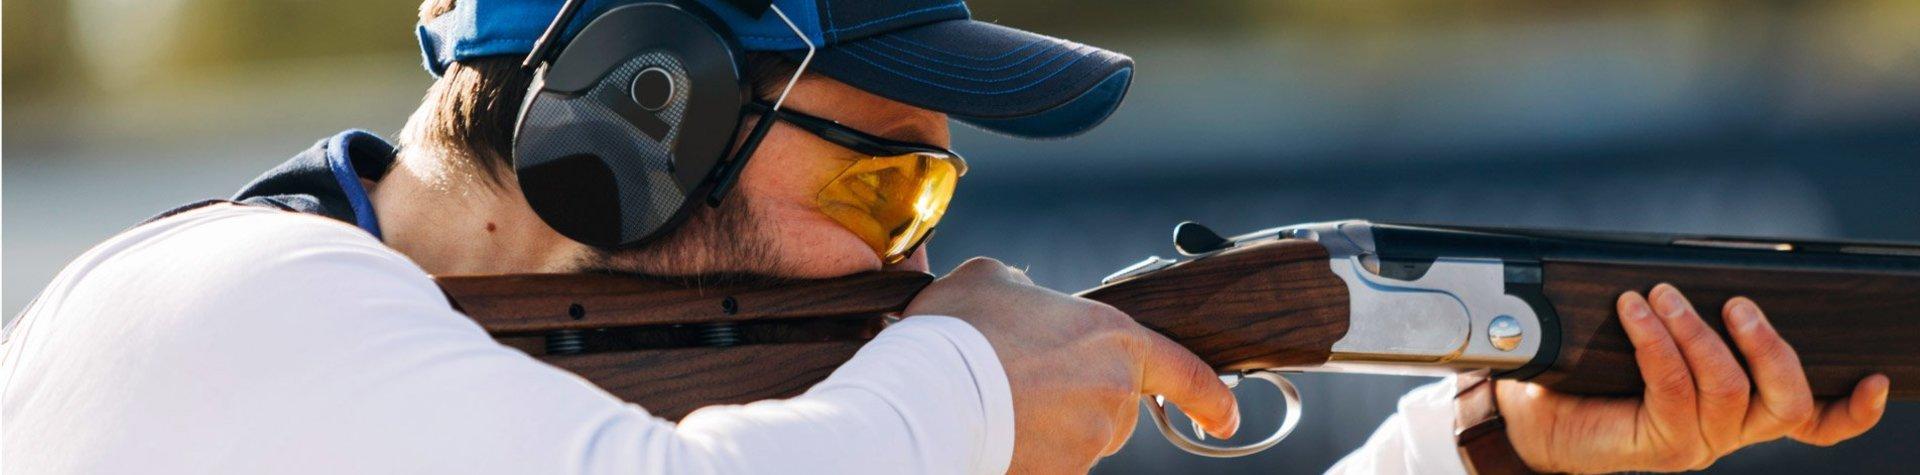 guy aiming a gun